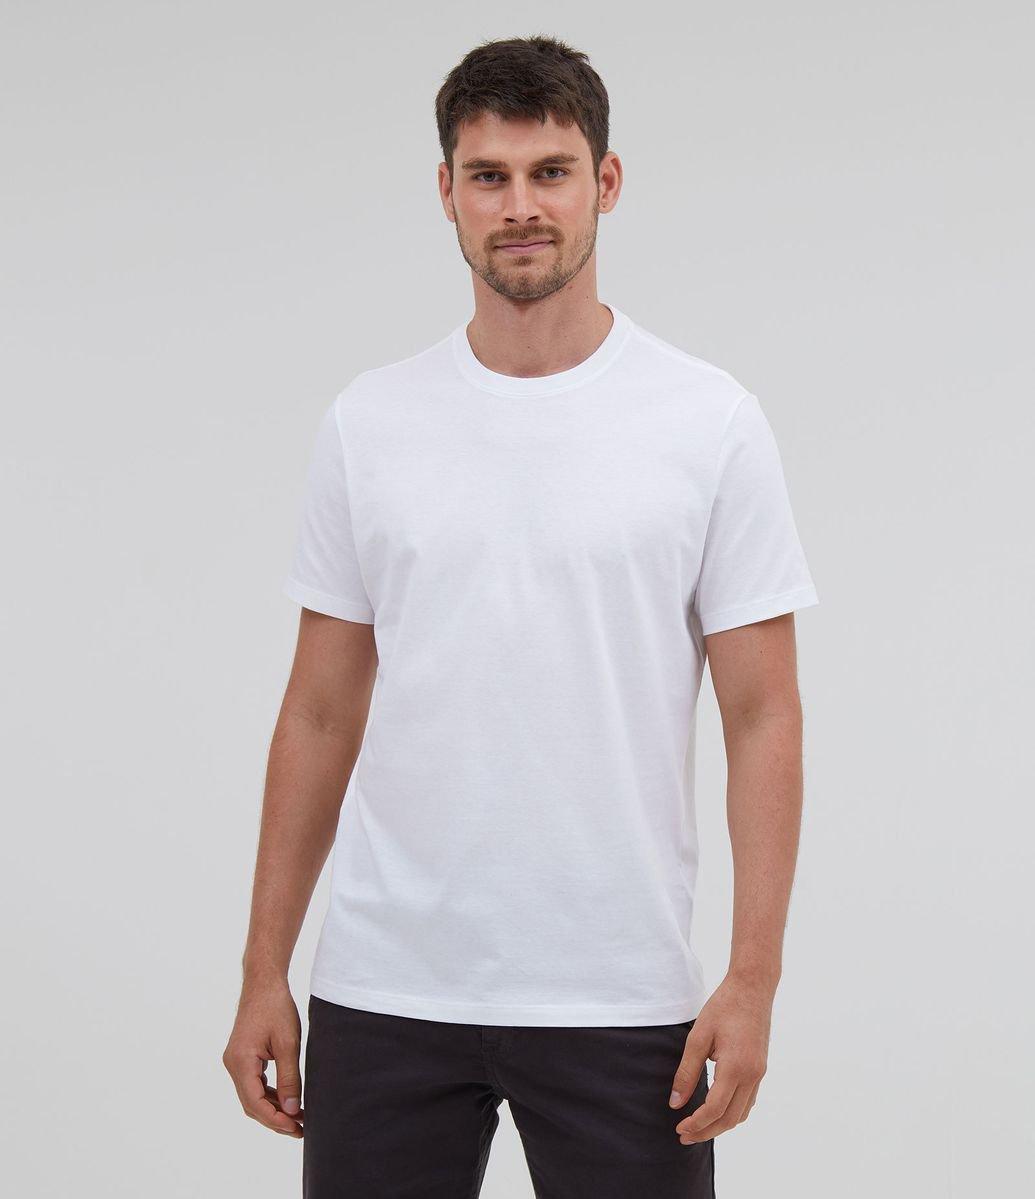 Camiseta Comfort branca em algodão peruano